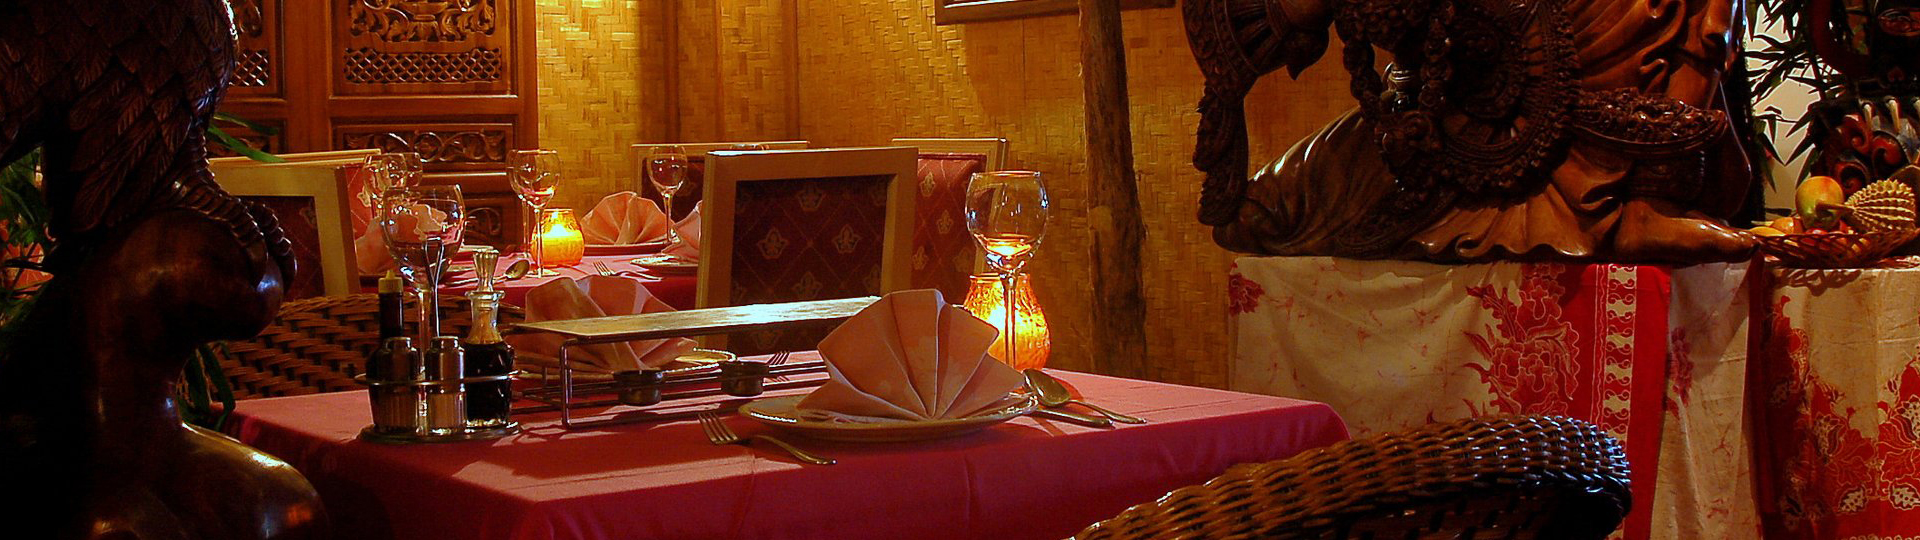 Restaurant Batavia